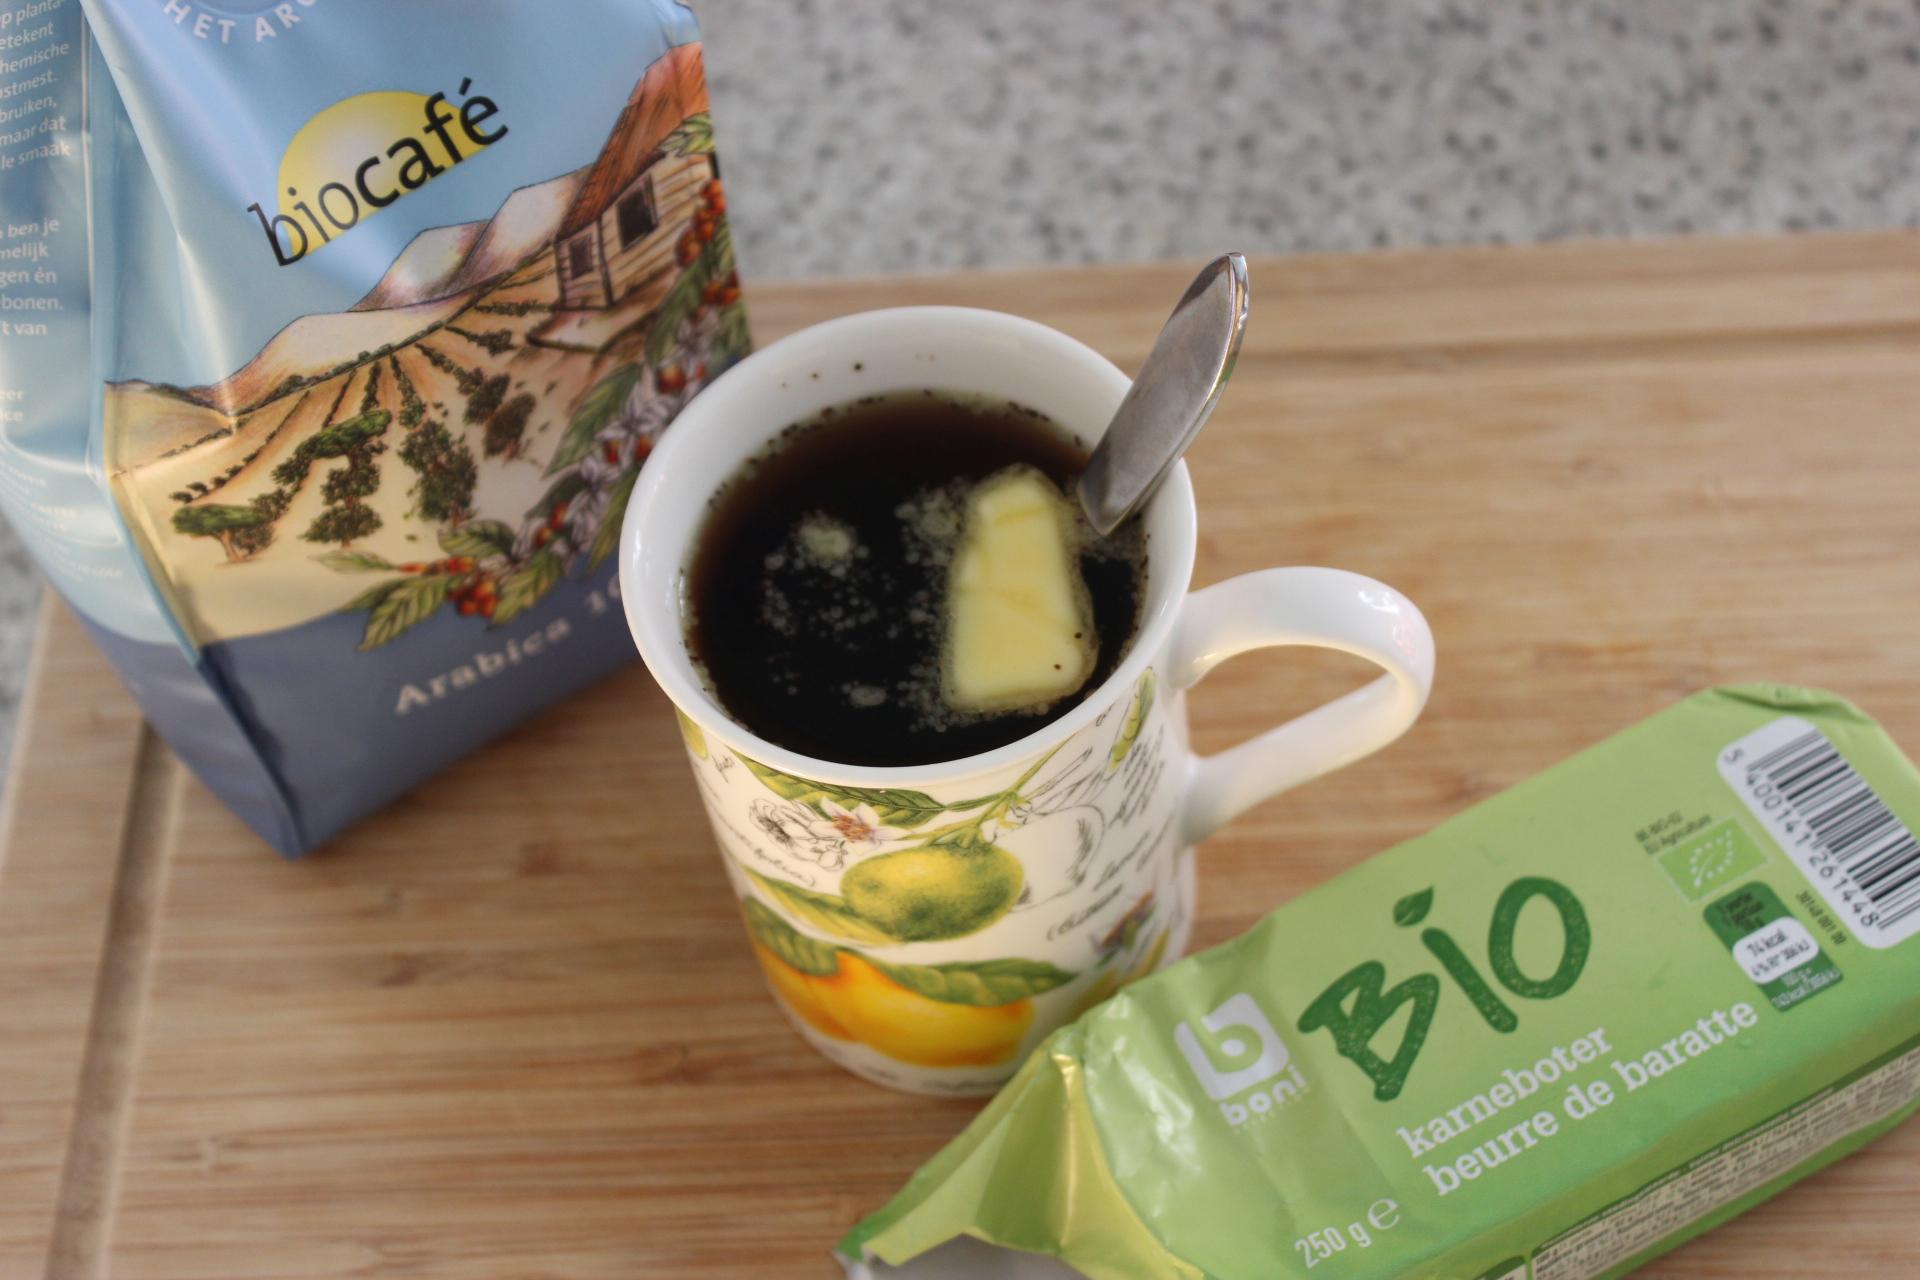 BIOレシピビオキッチンヨーロッパ完全無欠コーヒー